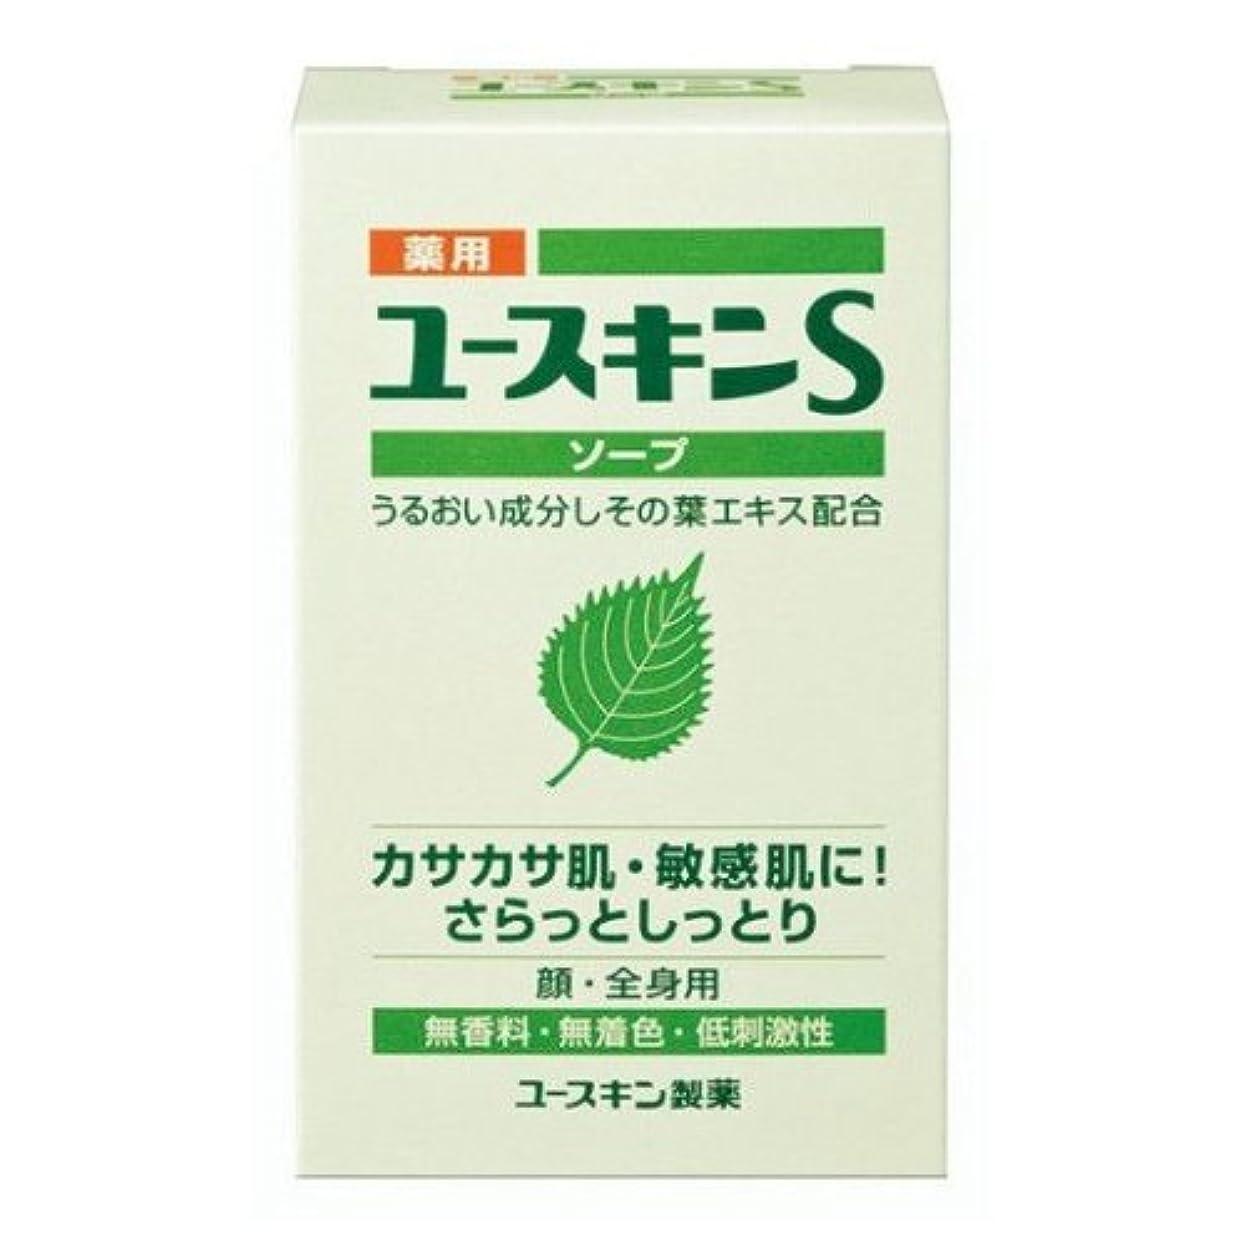 暫定の支配する有力者ユースキン製薬 薬用ユースキンSソープ 90g(医薬部外品)